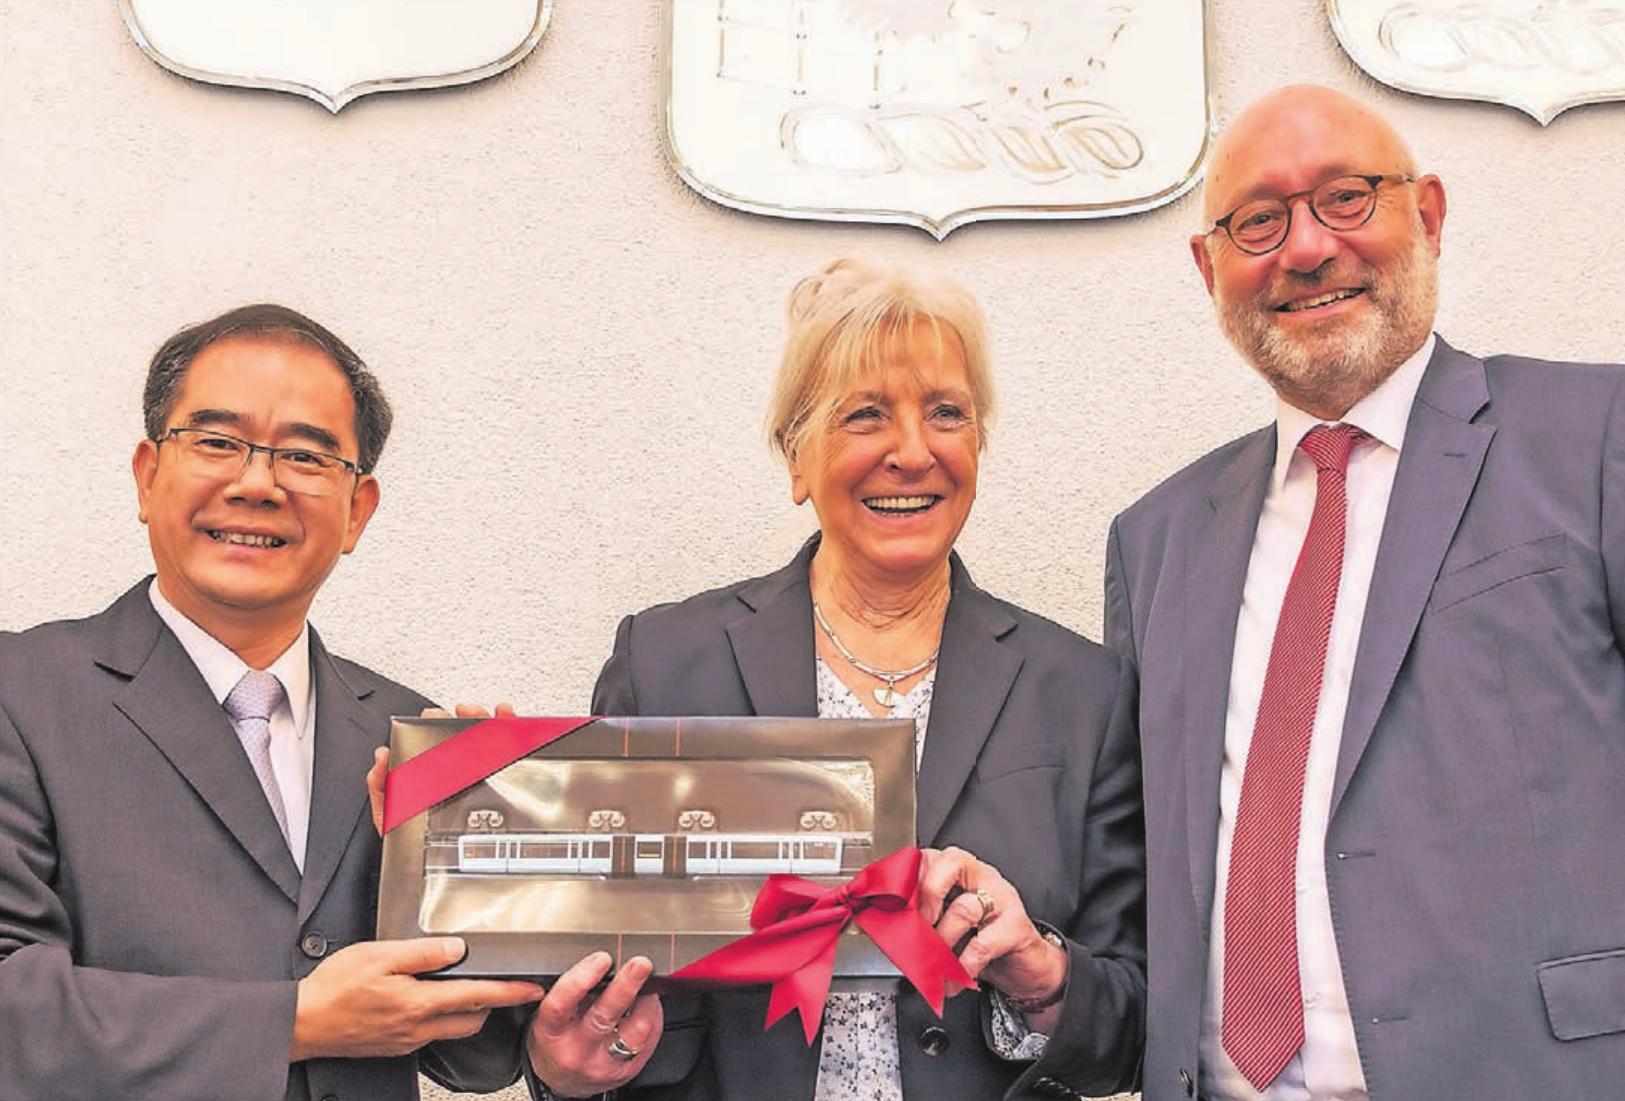 Der Regierungschef der Wuppertaler Partnerstadt Dongguan, Weidong Liang, war vor einem Jahr zu Besuch im Rathaus. Dort traf er unter anderem Bürgermeisterin Ursula Schulz und Stadtdirektor Dr. Johannes Slawig.